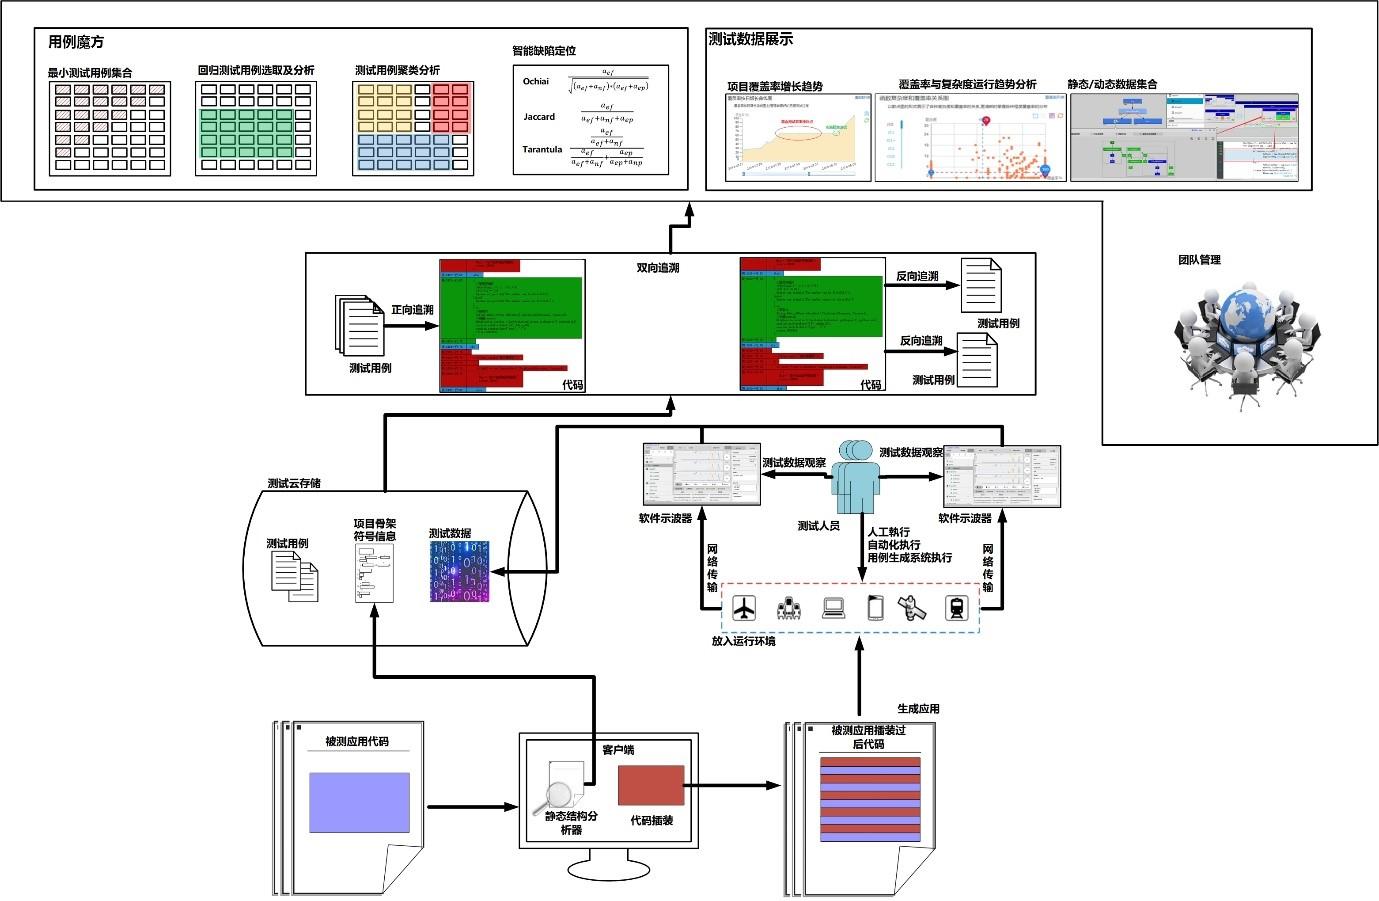 图4.1-1 精准测试的总体架构图